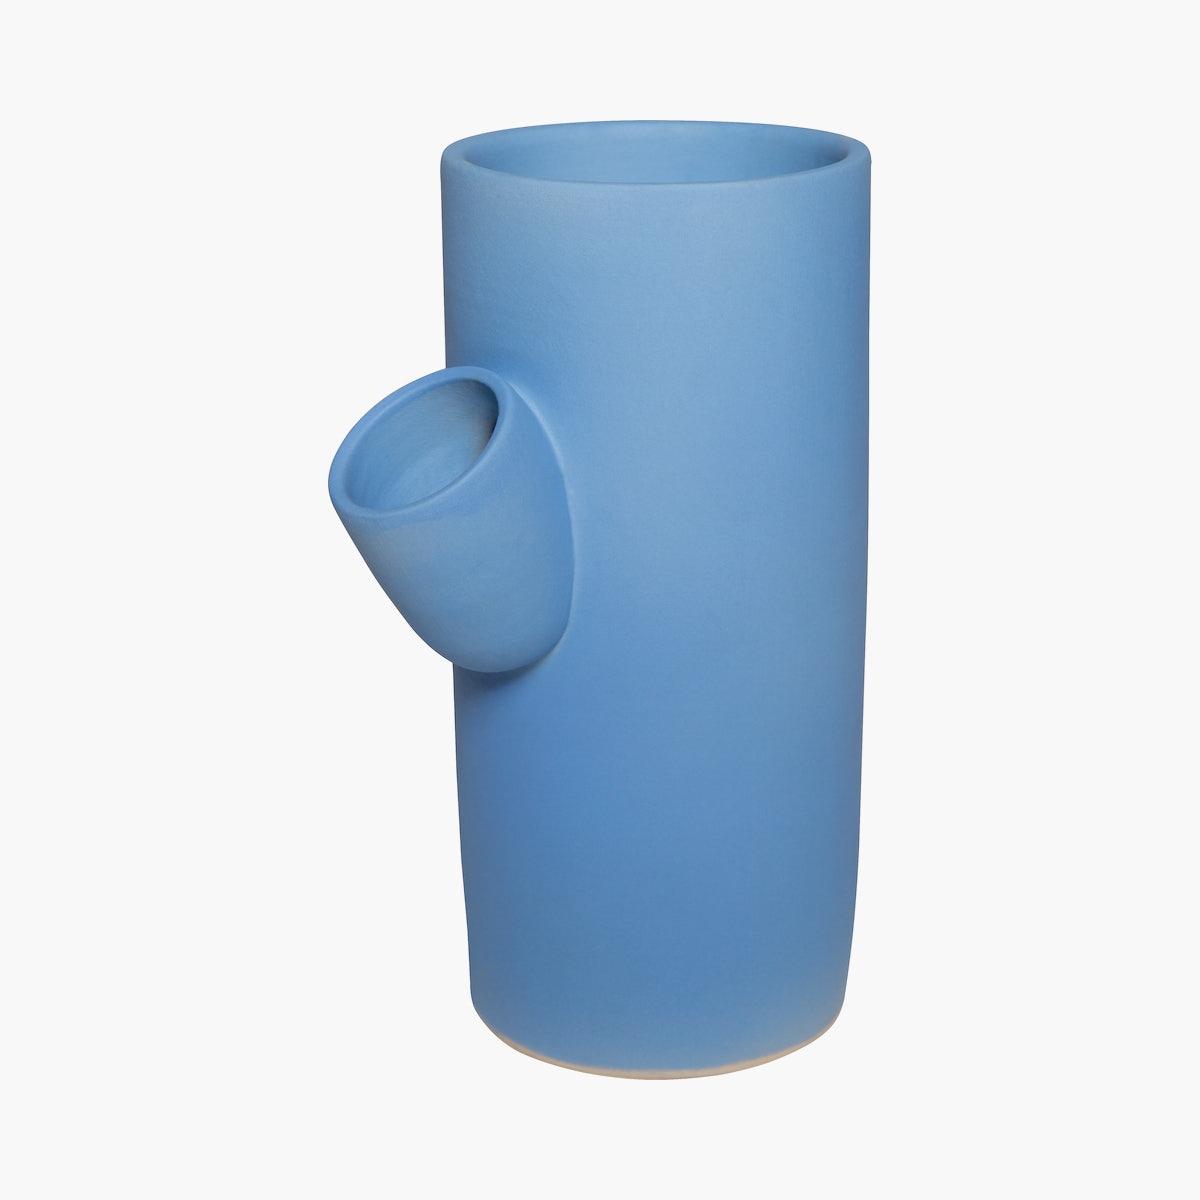 Pieces Vases